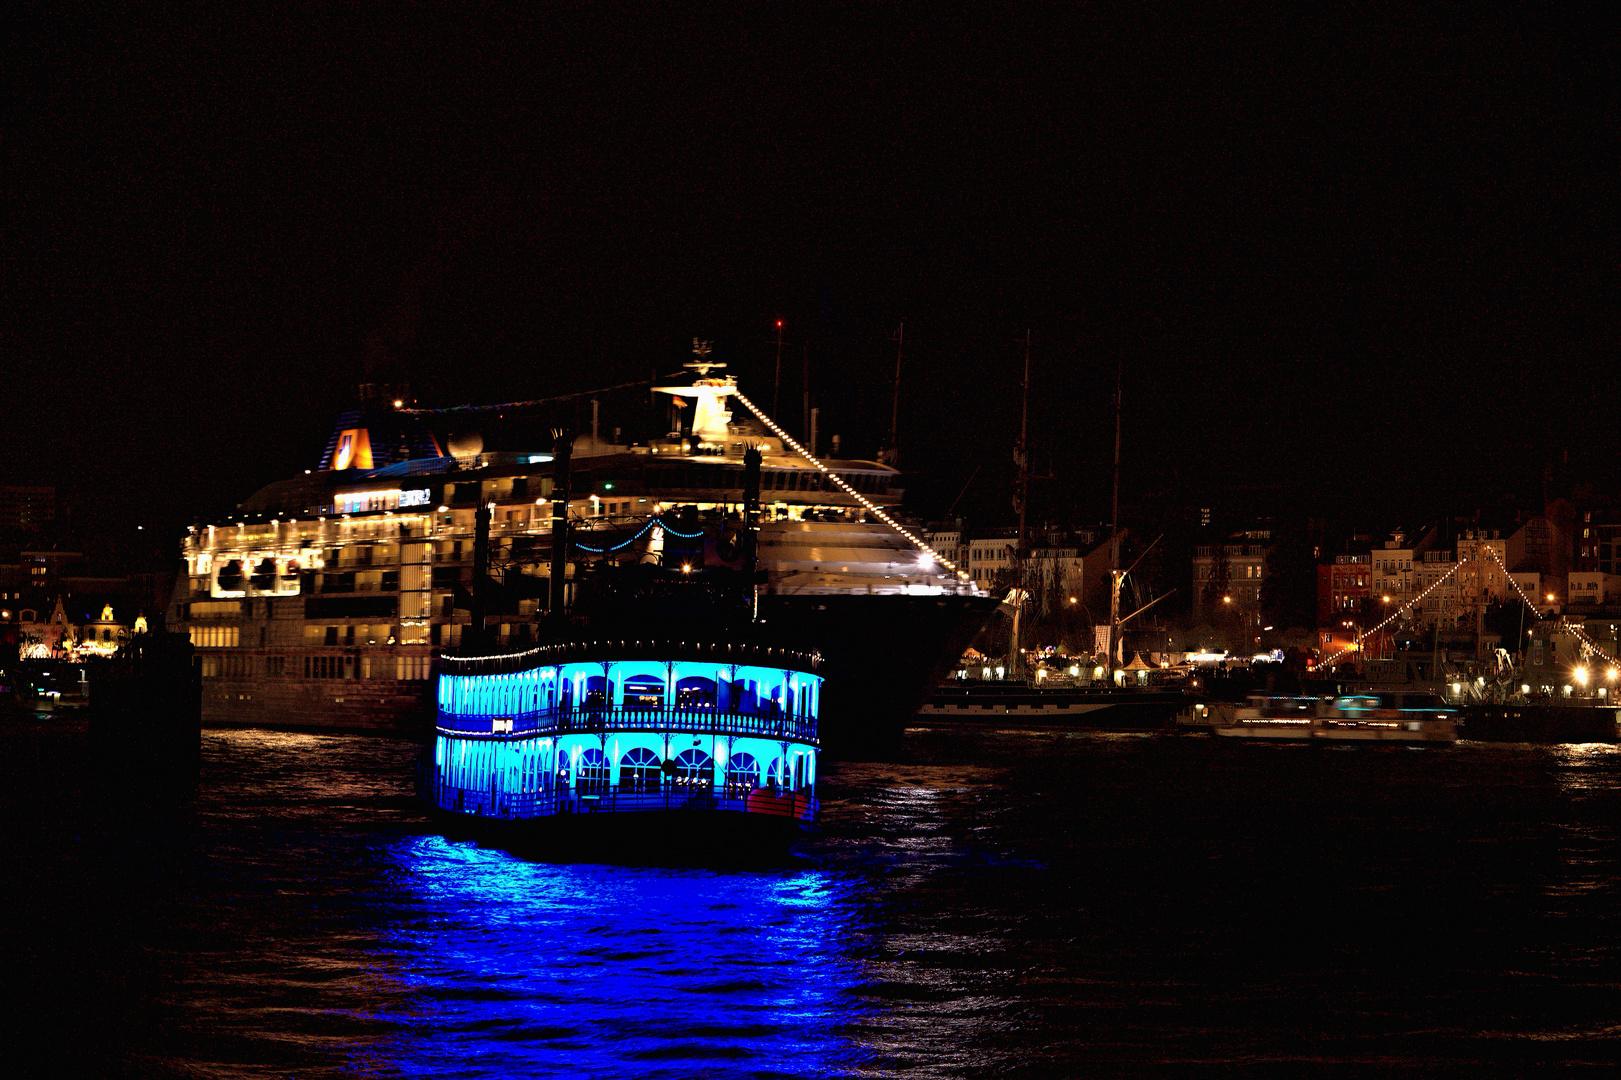 Europa 2 in Begleitung der Louisana Star im Hamburger Hafen